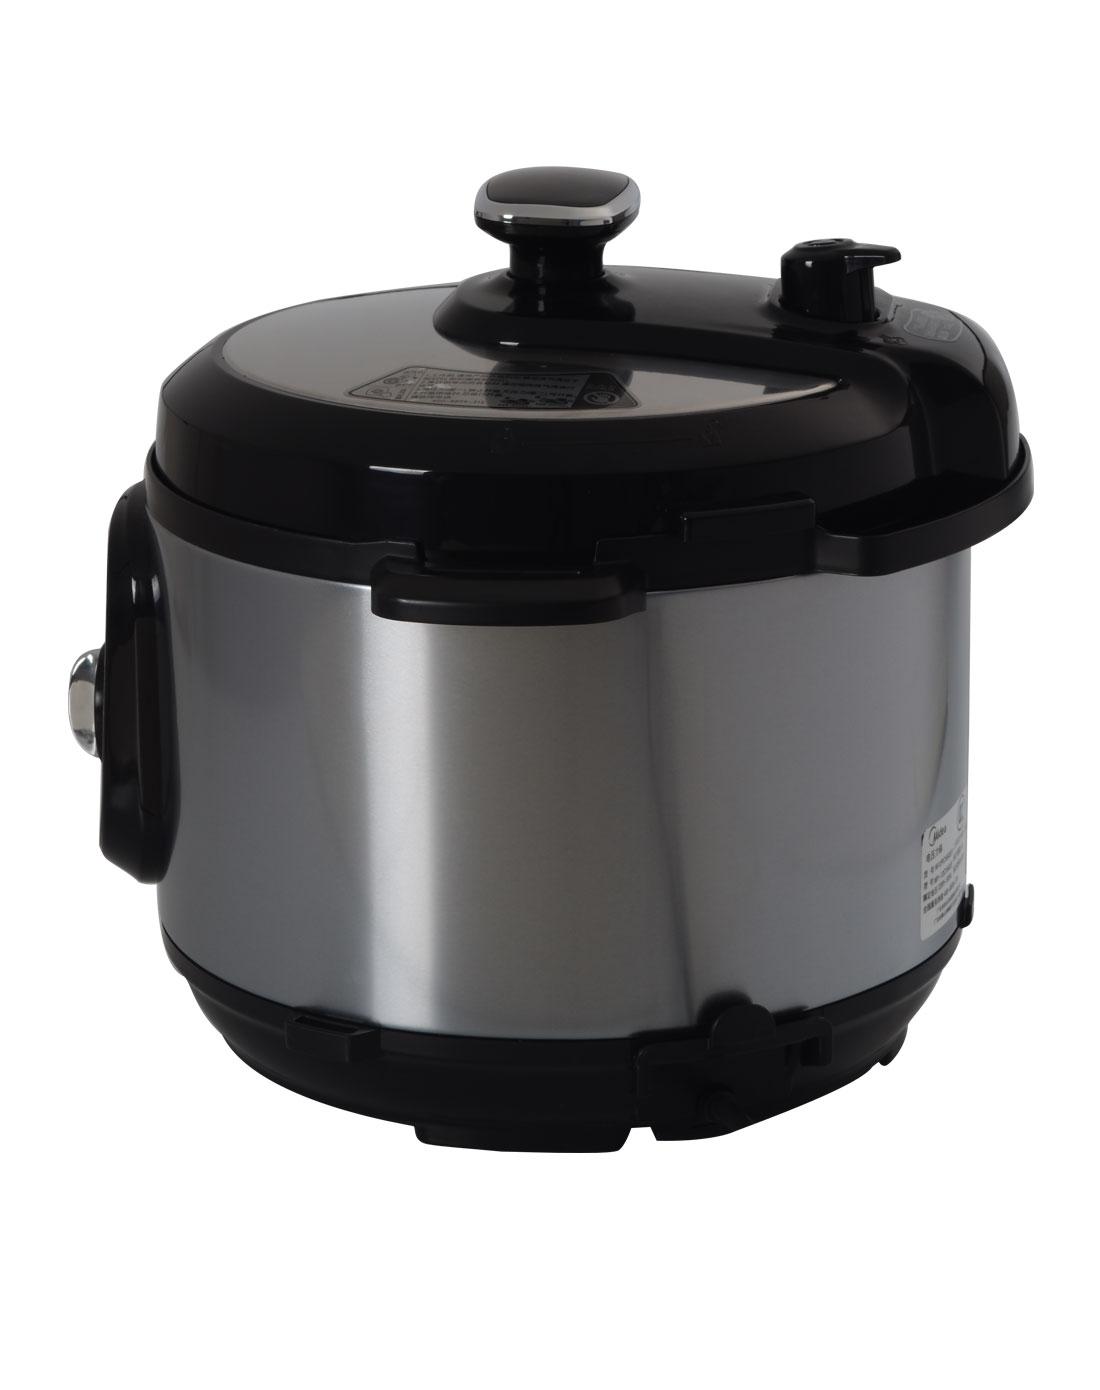 美的midea电器机械式安全送双胆电压力锅5lw12pch502